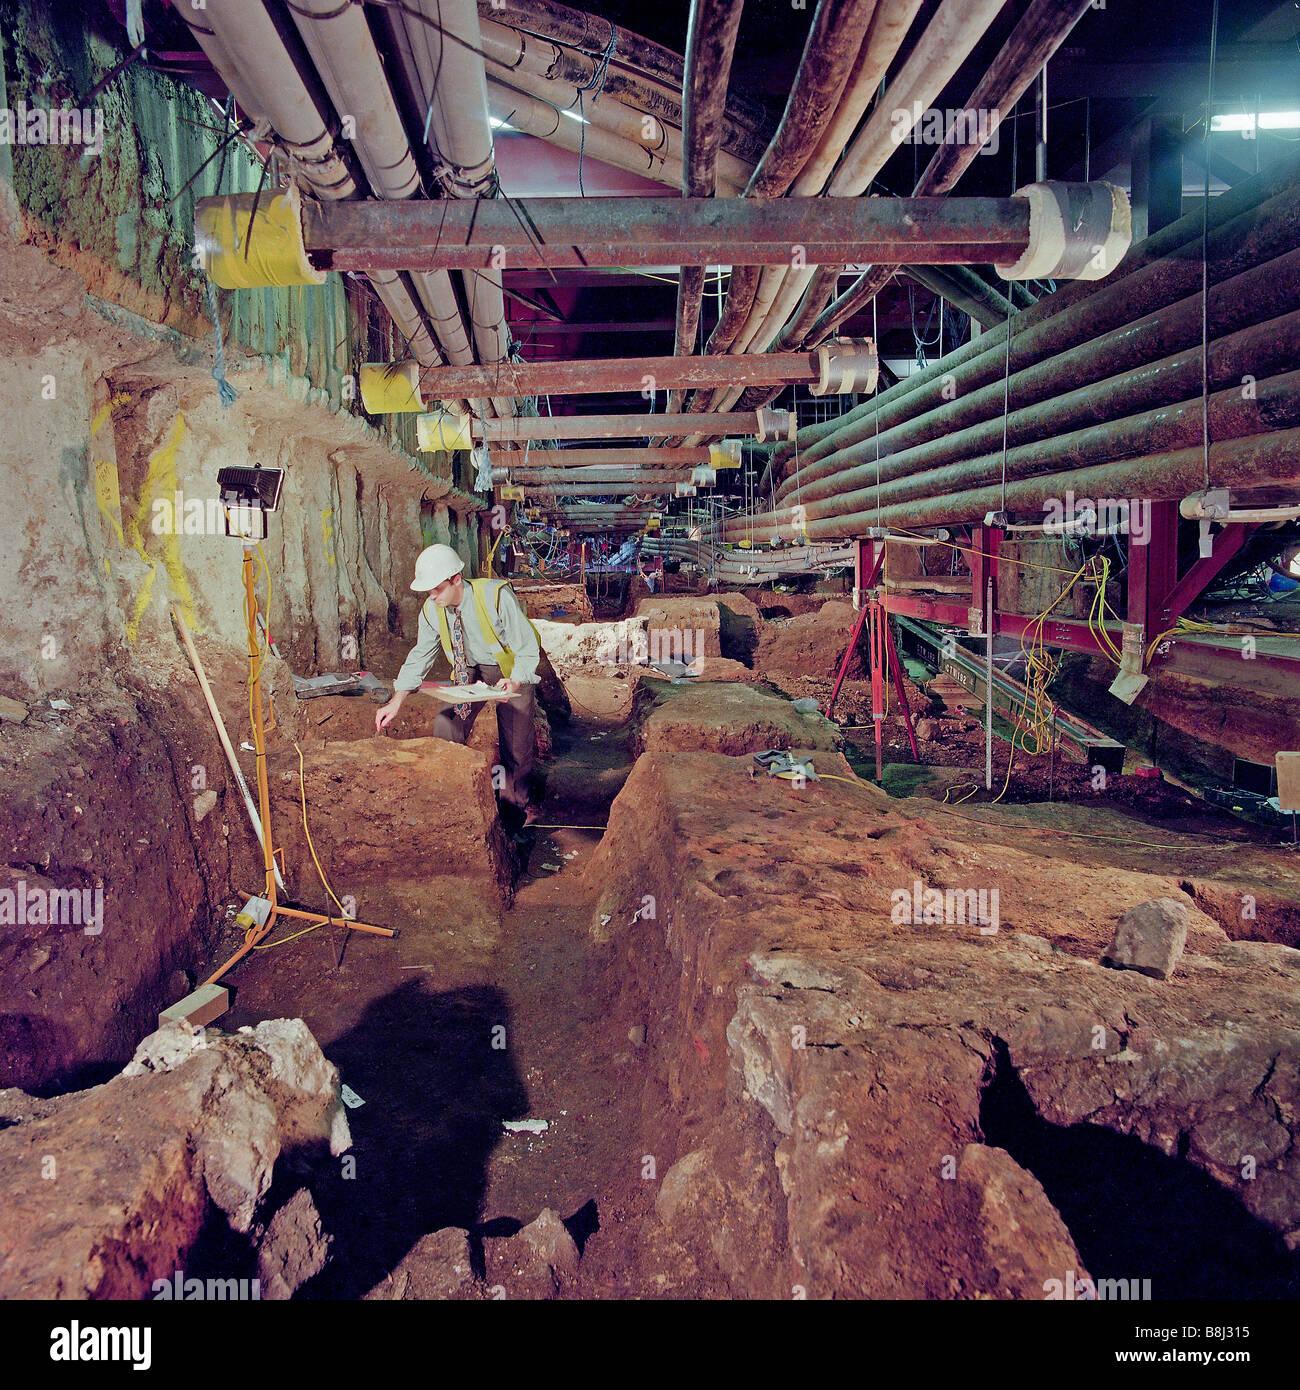 Archäologen, die ermittelnden römische Überreste gefunden neben der Jubilee Line Extension-Baustelle in der Nähe Stockfoto